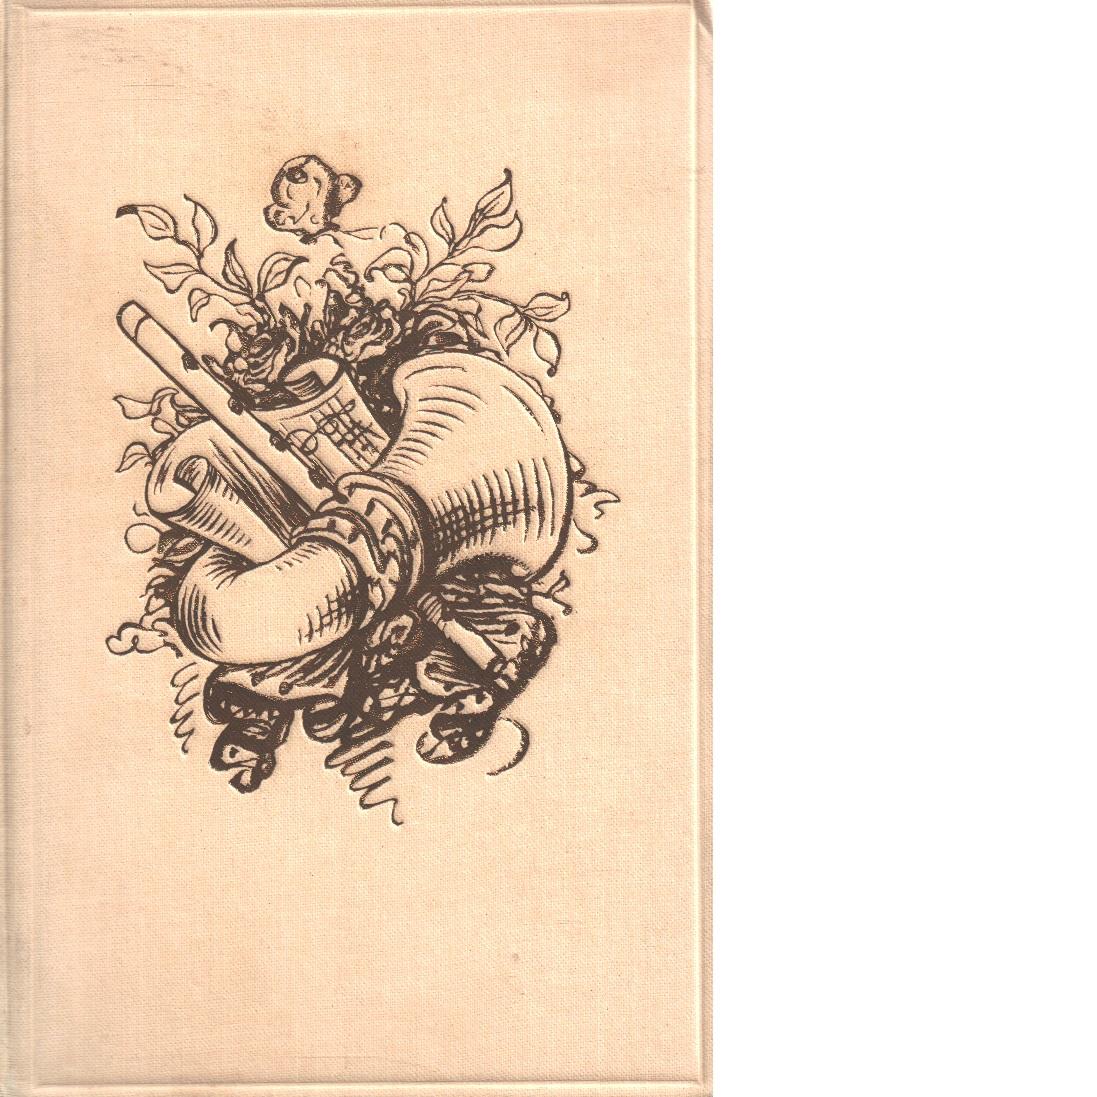 Fridas bok [Musiktryck] - Sjöberg, Birger